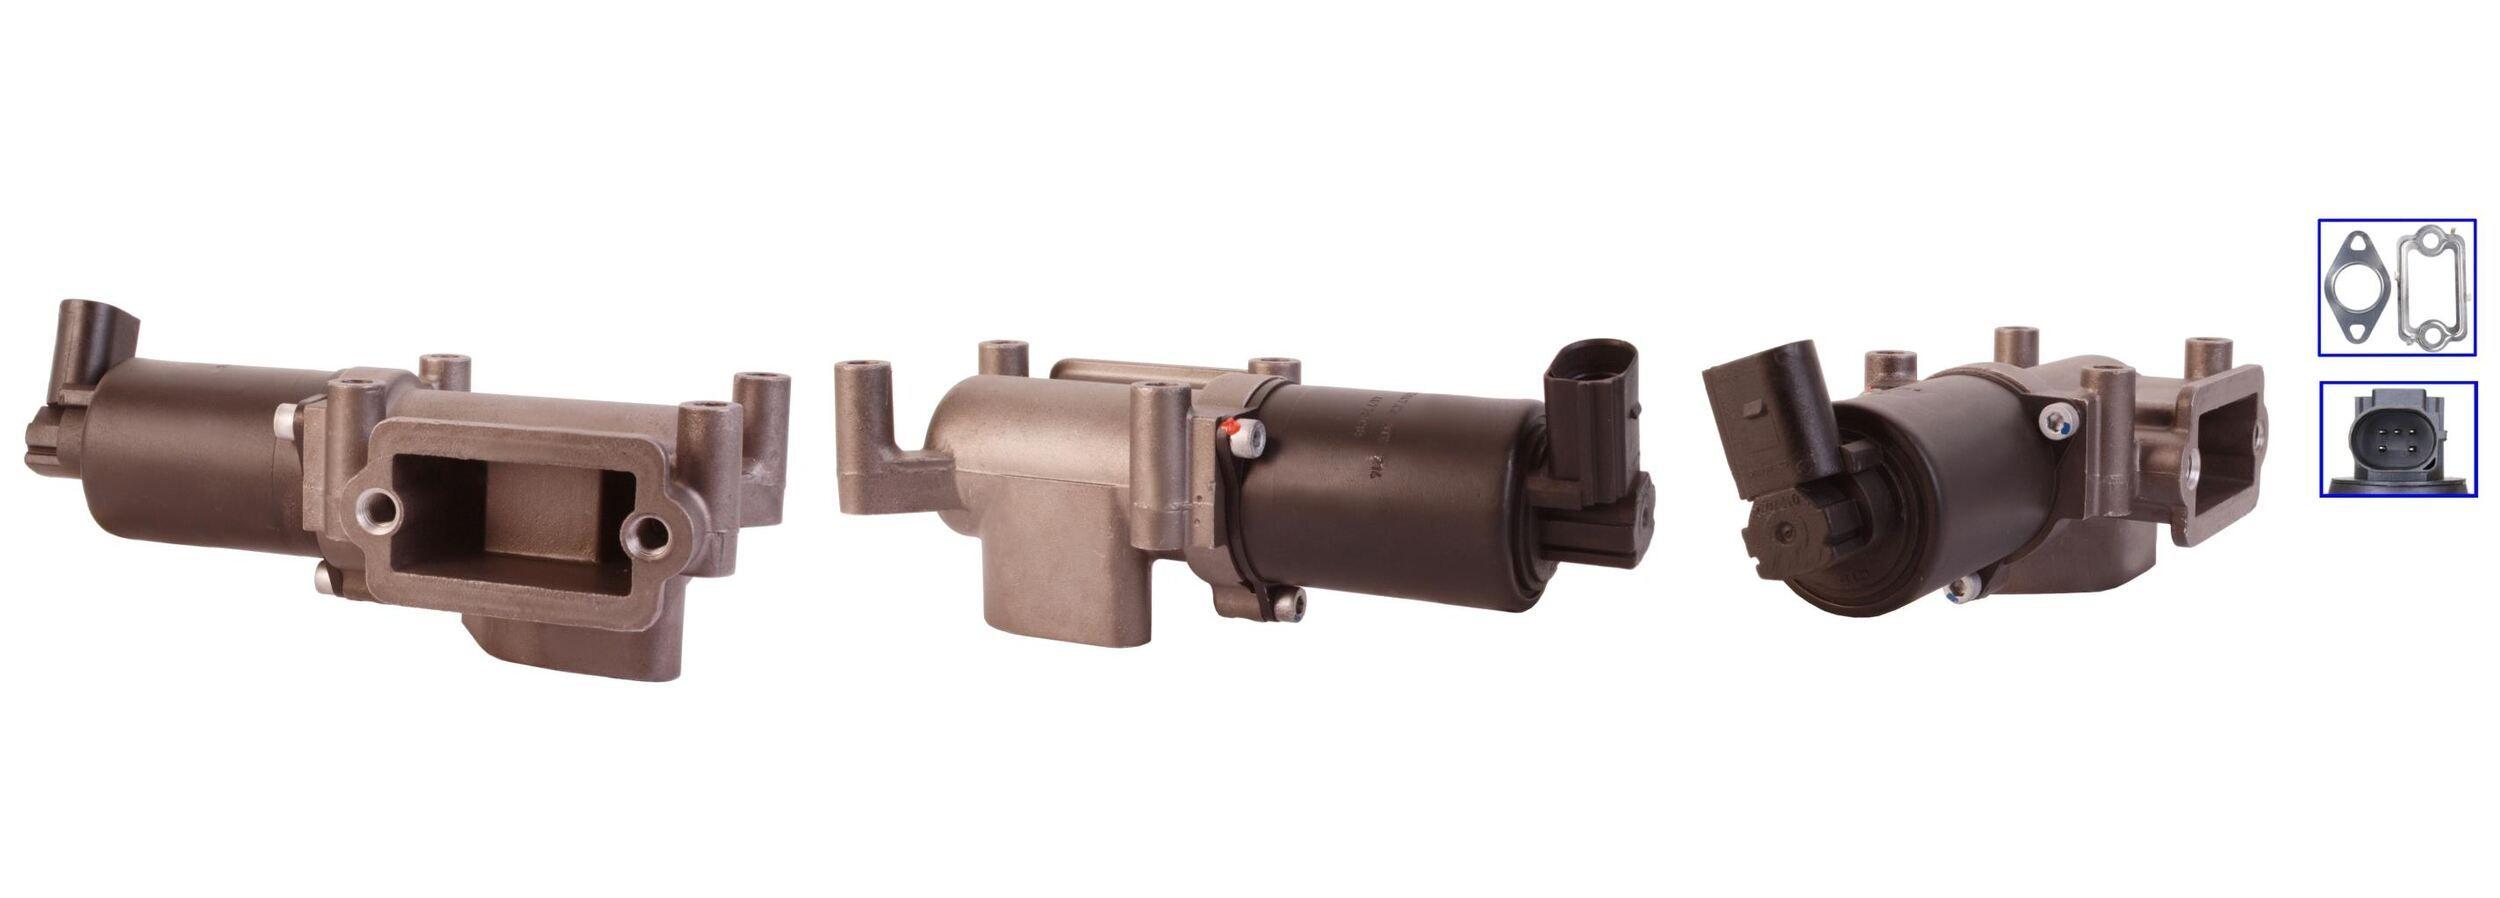 72-0059 ELSTOCK elektrisch, mit Dichtungen Anschlussanzahl: 5 AGR-Ventil 72-0059 günstig kaufen